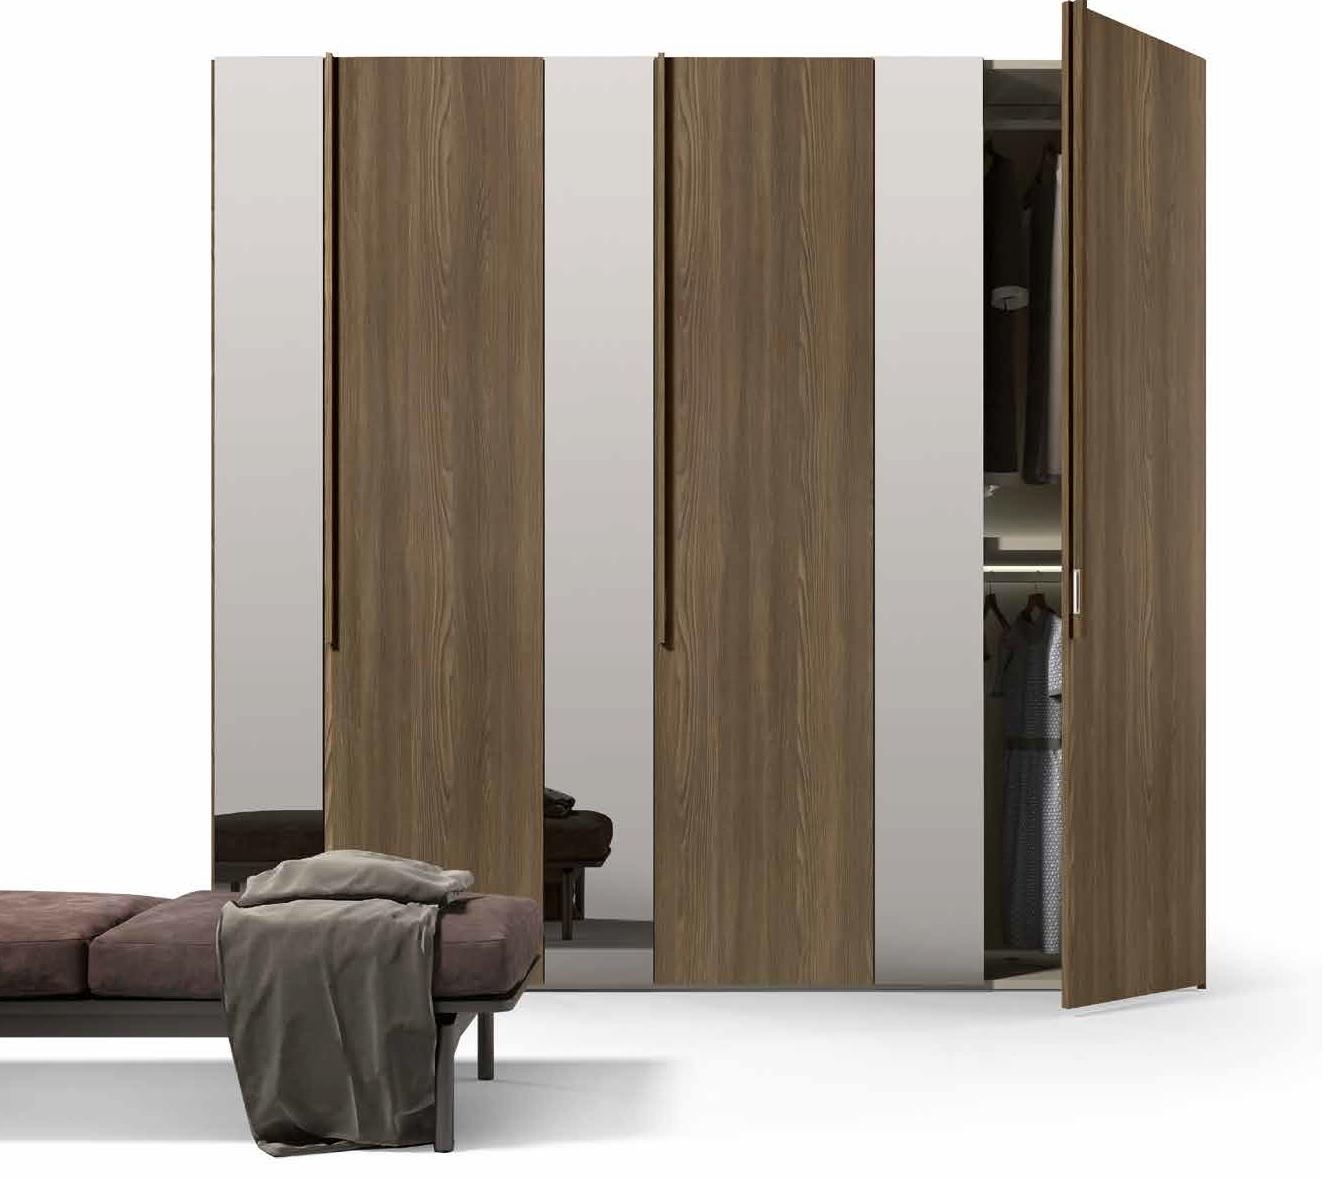 Armadio battente con anta specchio e tabacco armadi a - Ikea armadio con specchio ...